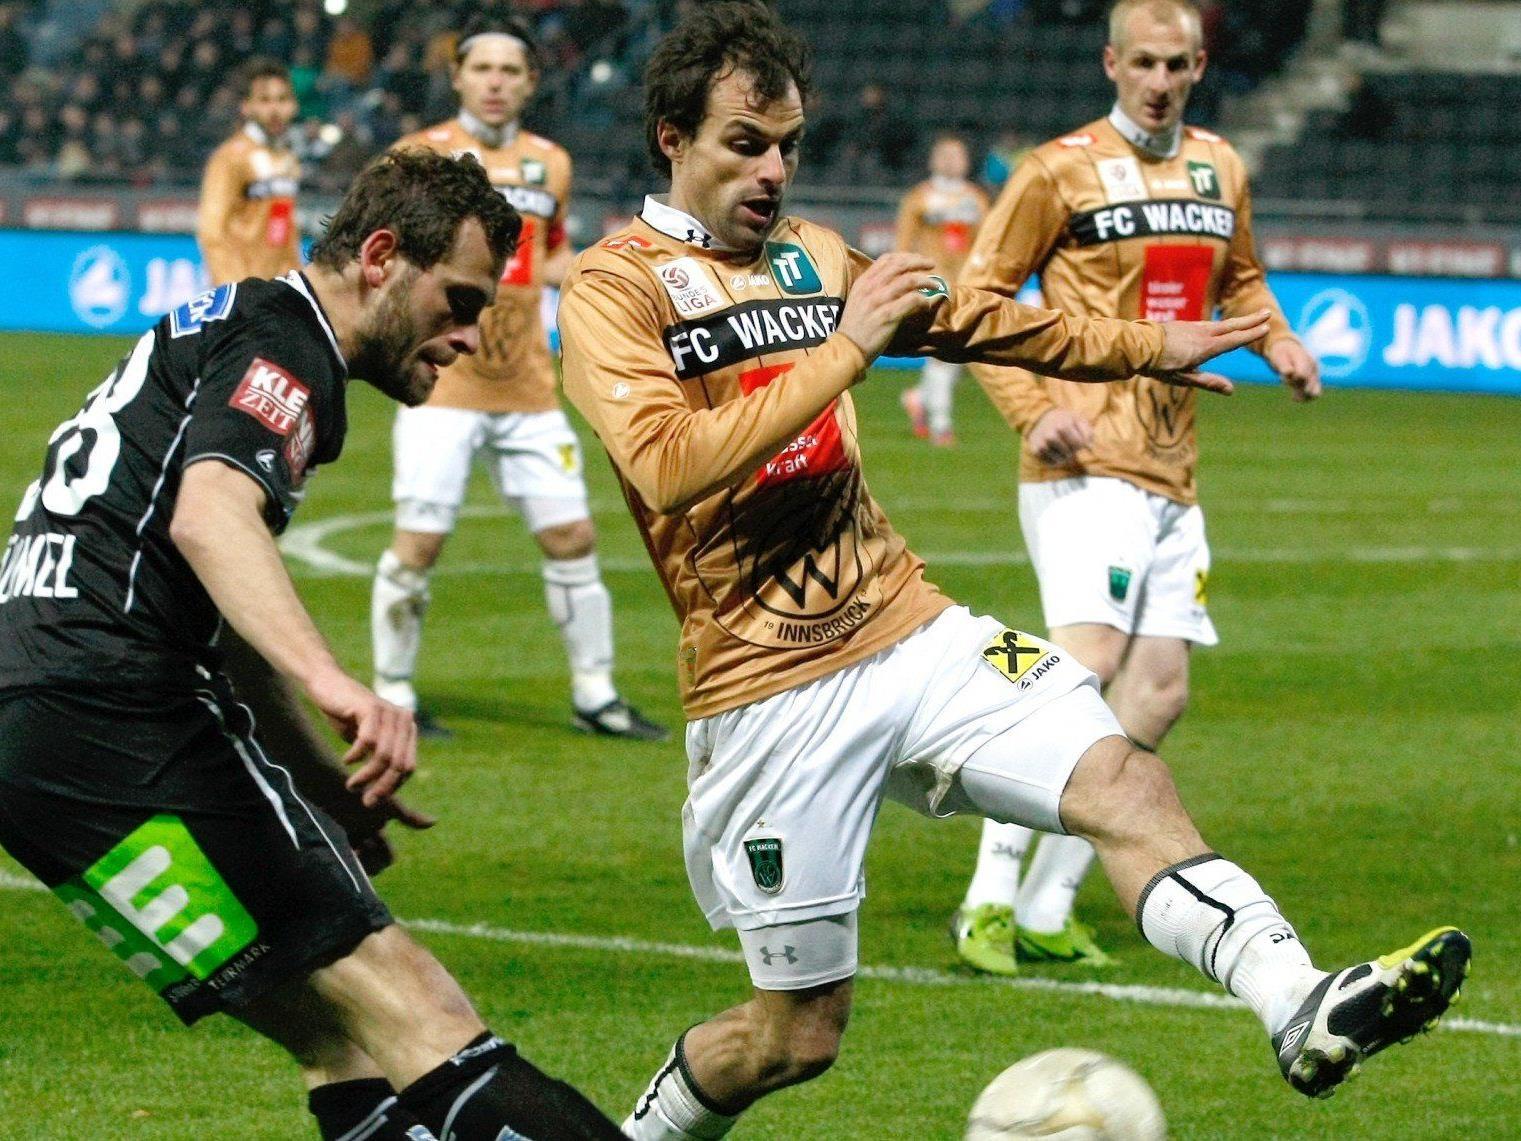 Wir berichten am Mittwoch ab 20.30 Uhr vom Spiel FC Wacker Innsbruck gegen SK Sturm Graz im Fußball-Live-Ticker.